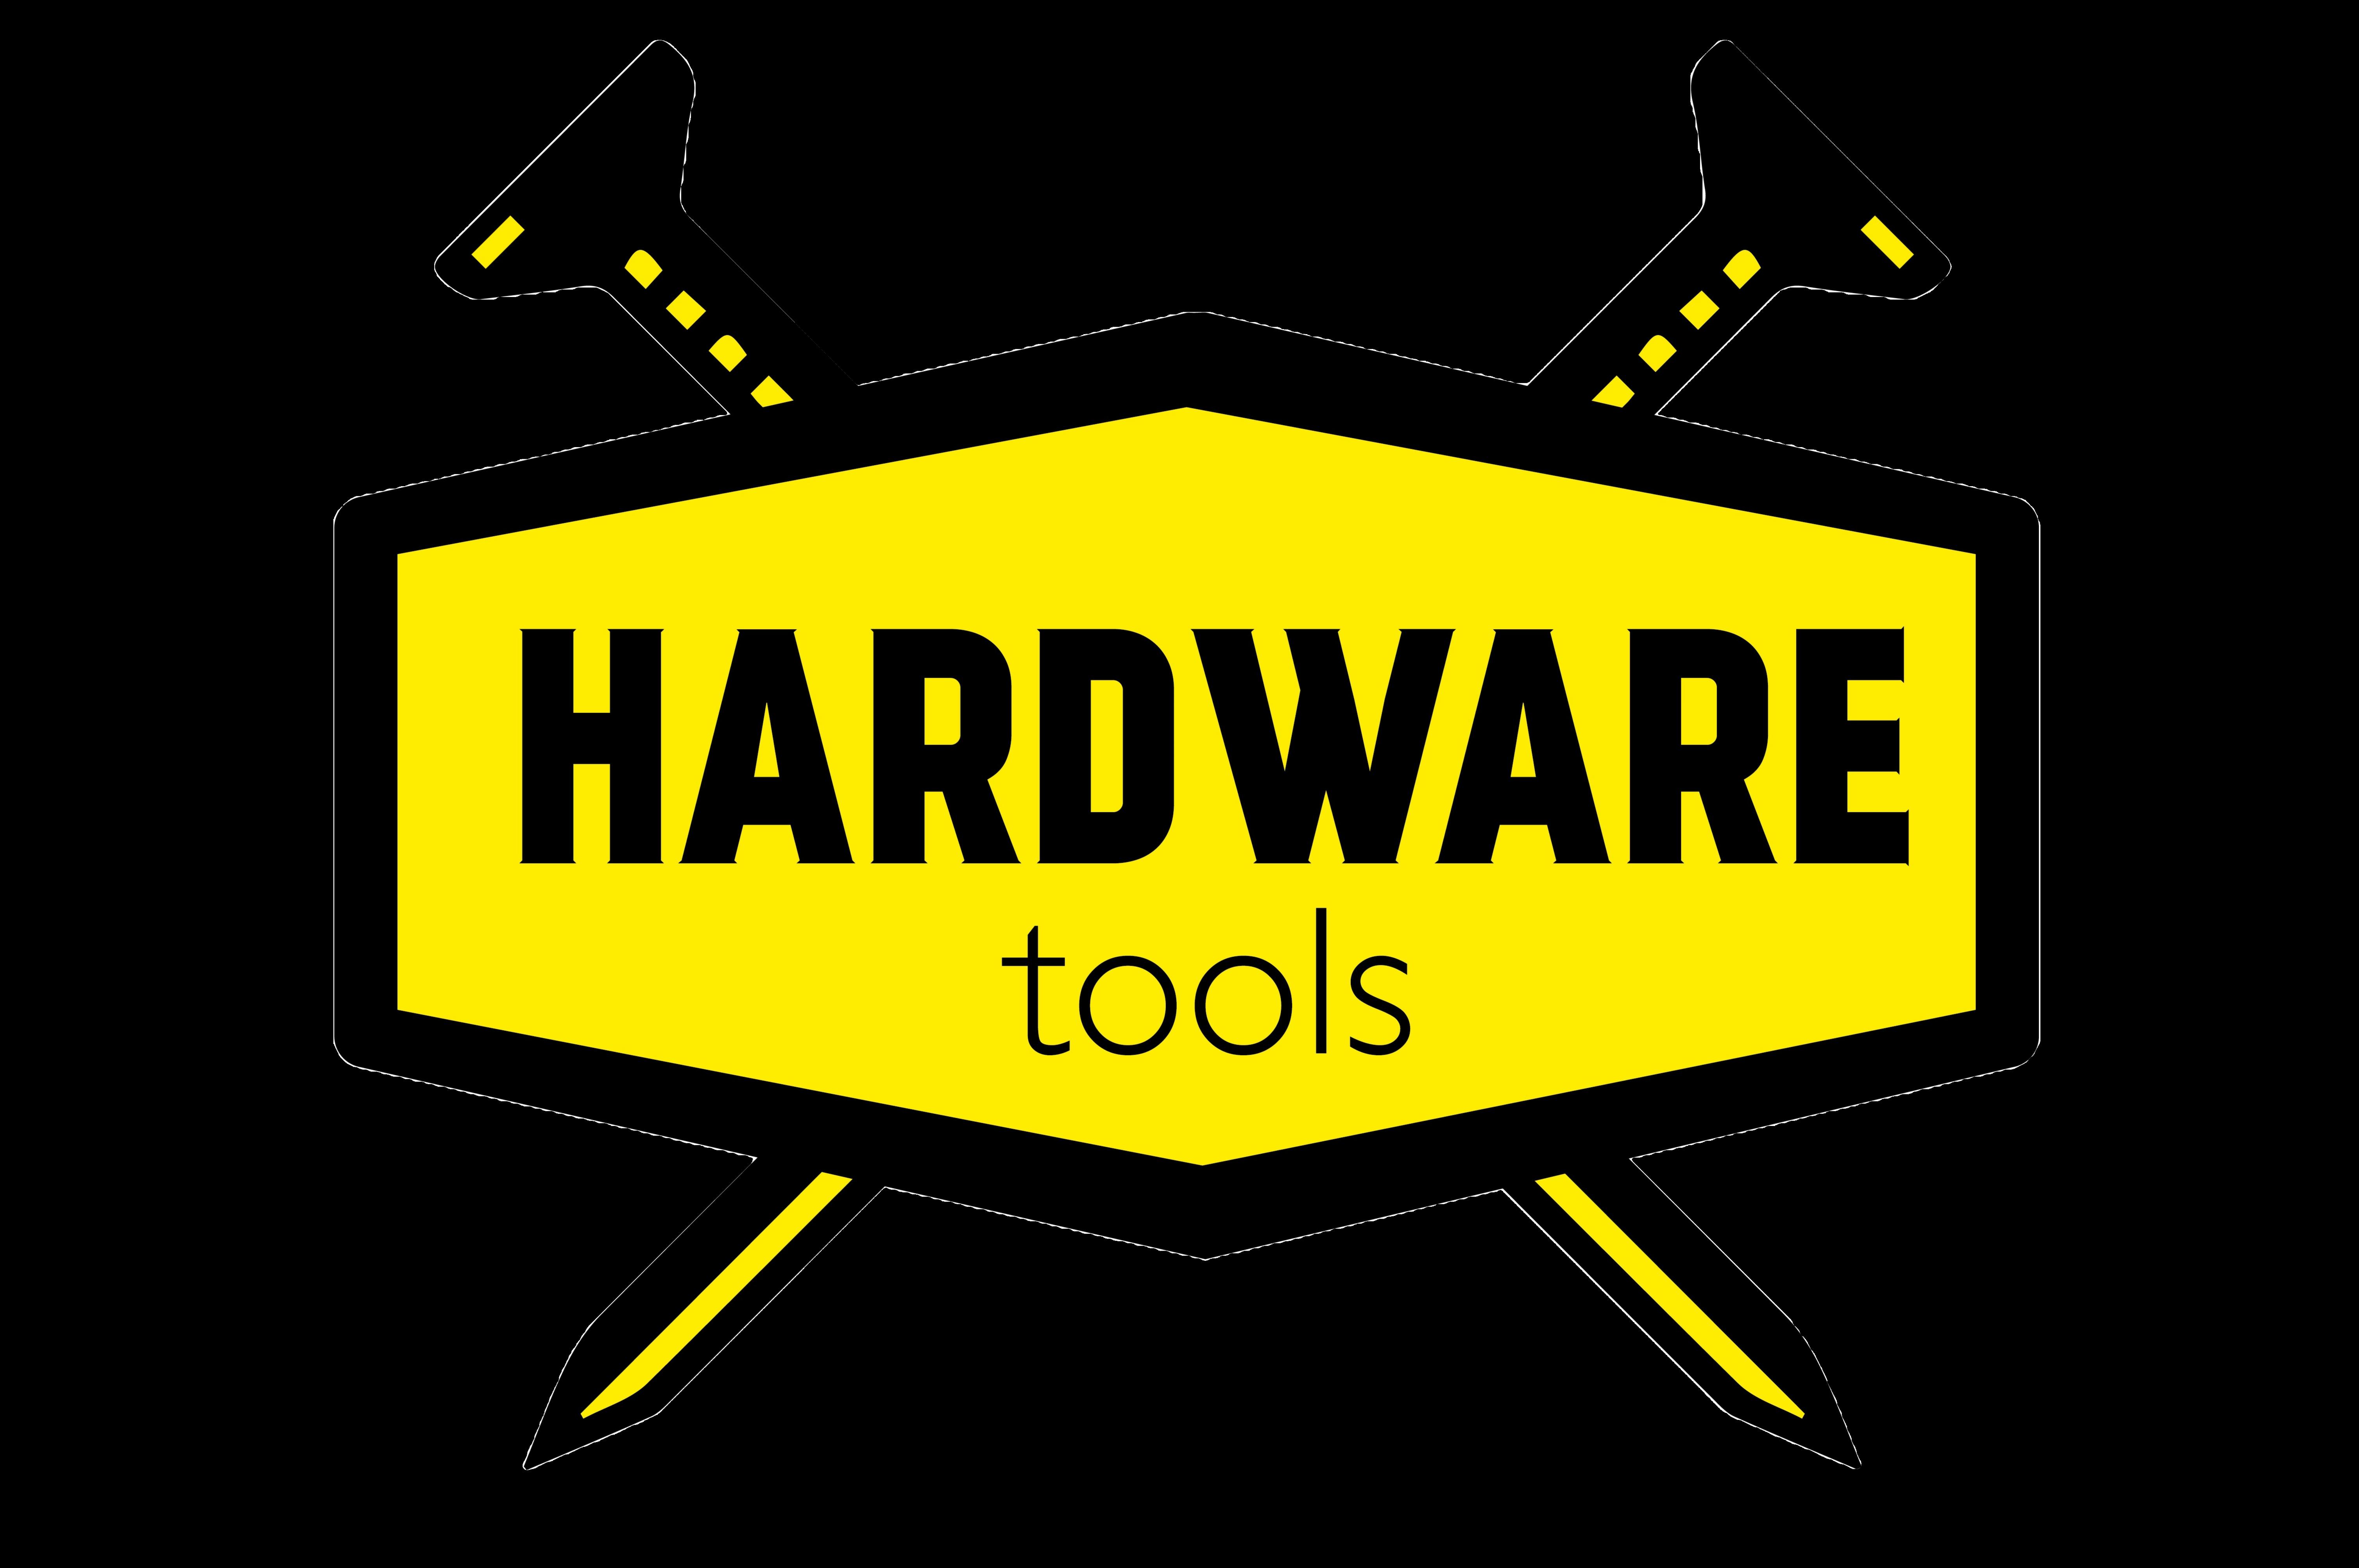 Hardwaretools